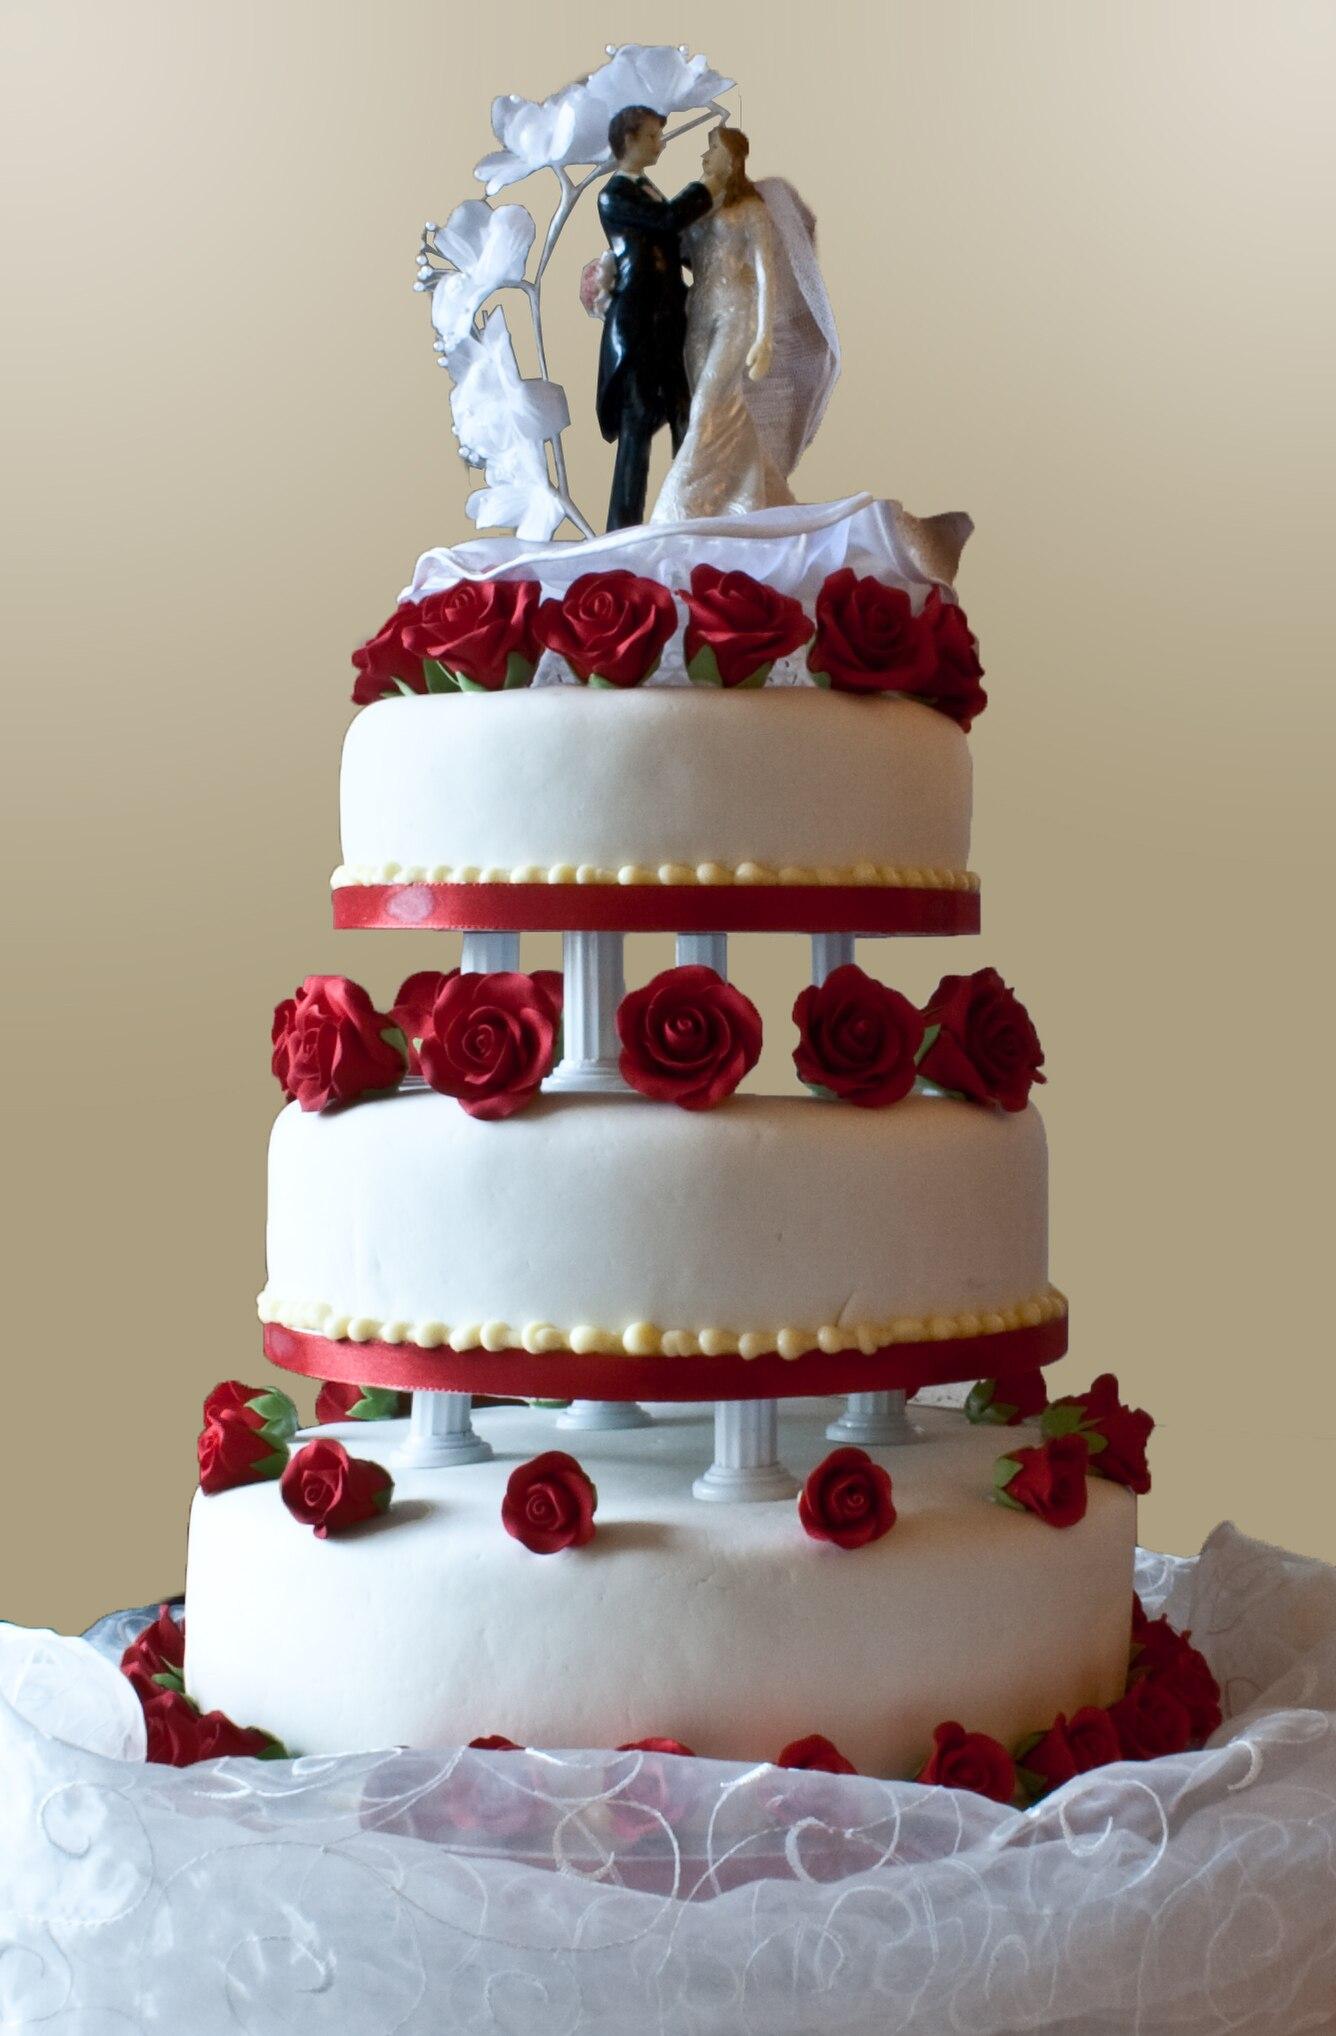 3b518c54cef85 كعكة الزفاف - المعلومات الكاملة والبيع عبر الإنترنت مع الشحن المجاني. اطلب  وشراء الآن لأدنى سعر في أفضل متجر على الإنترنت! خصومات   كوبونات.